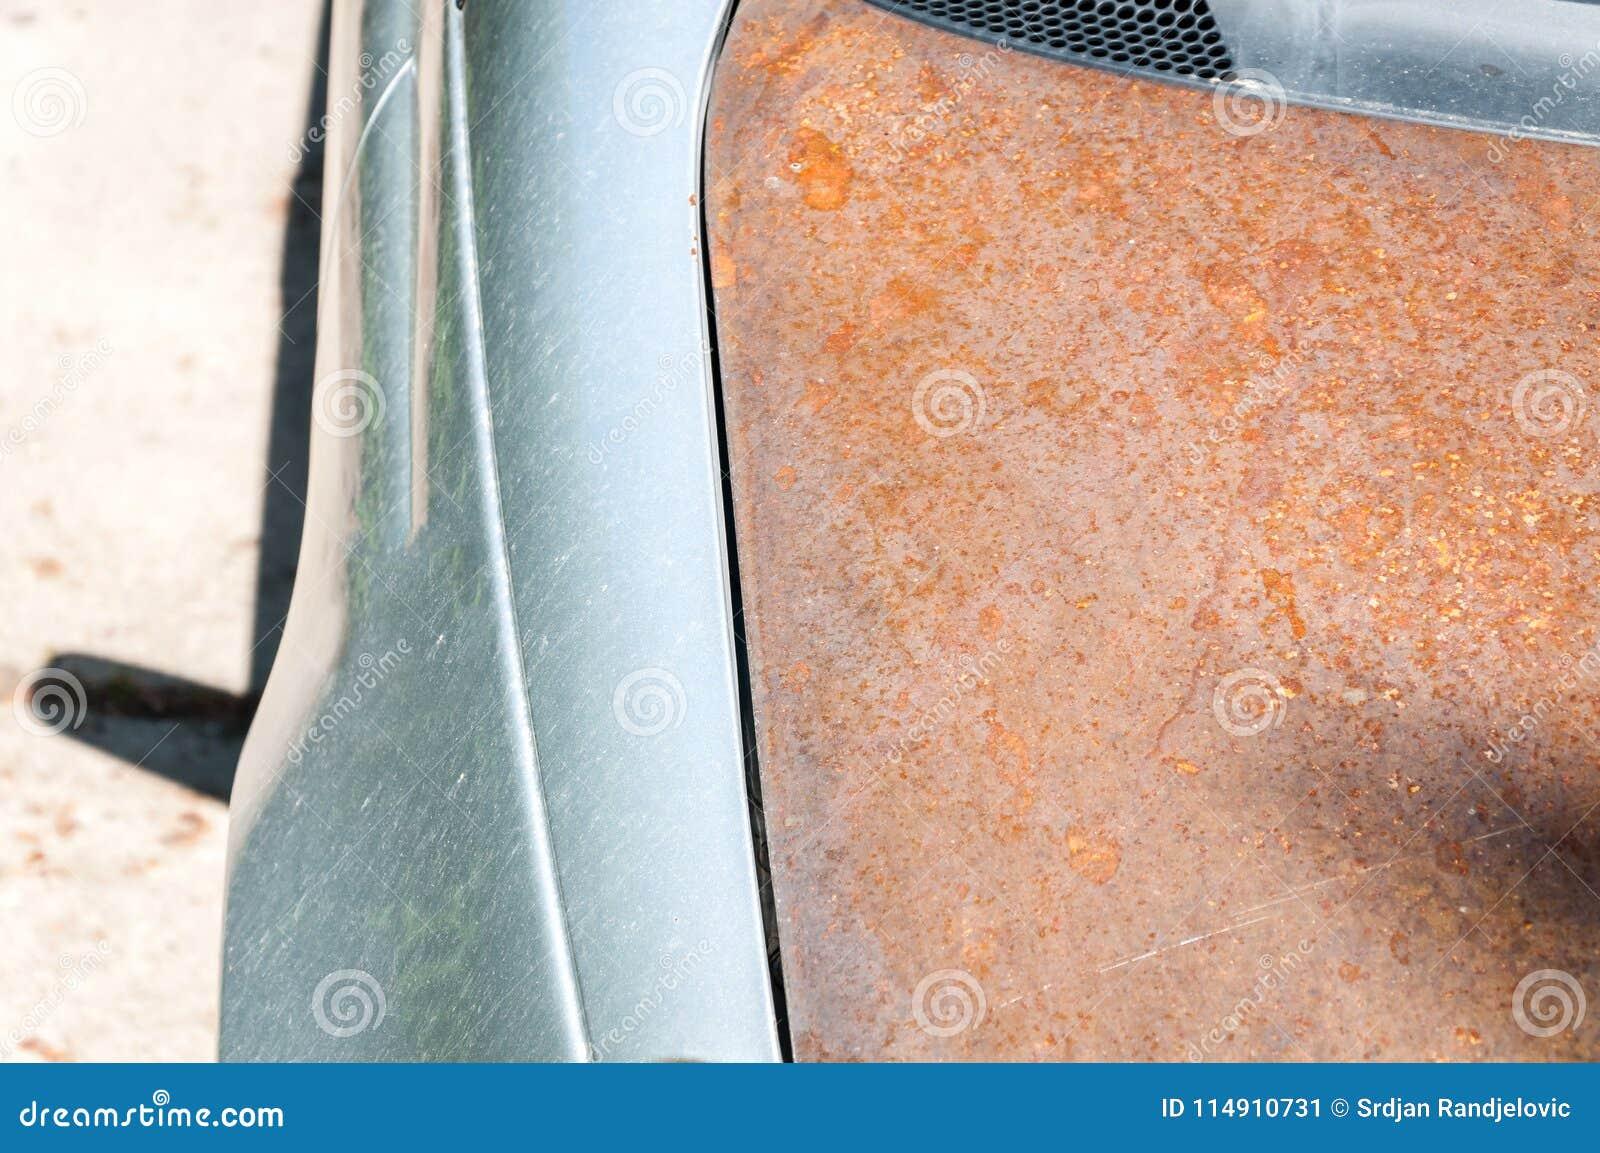 Zamieniam uszkadzał samochodowego kapiszon z tani rdzewieję jeden bez farby po kraksa samochodowa wypadku